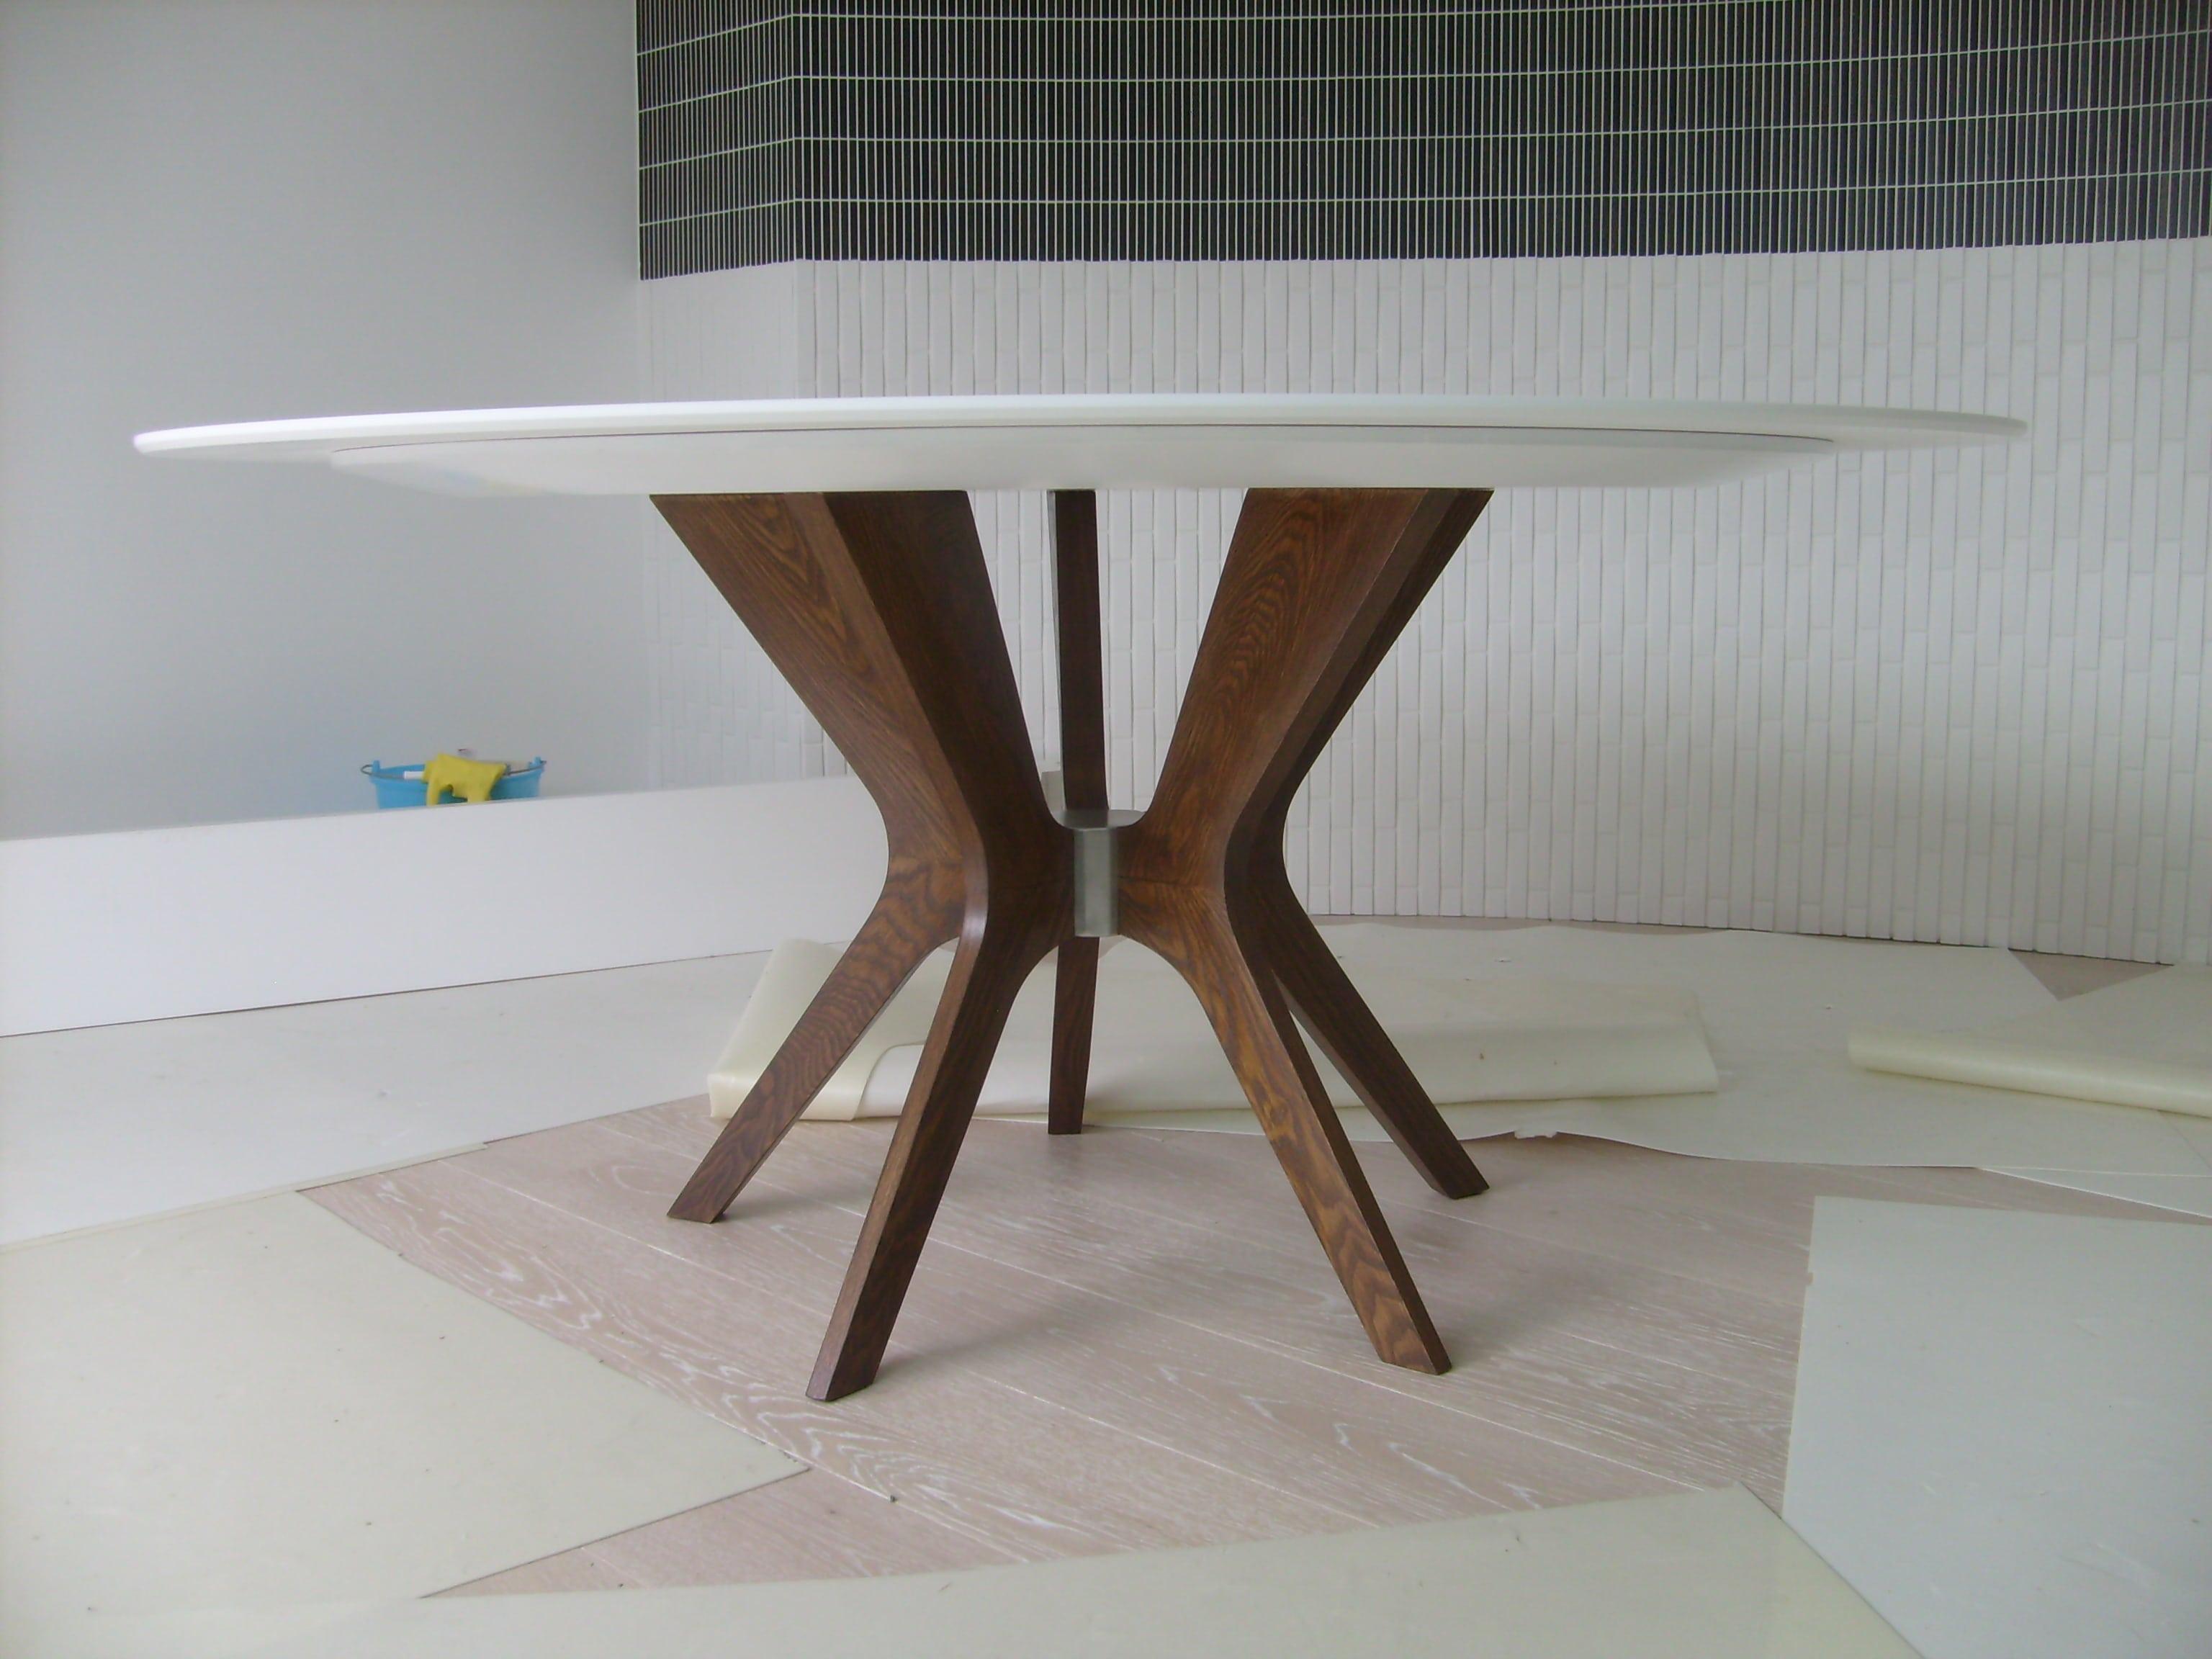 Tavolo rotondo in legno frassino con piano in corian. Progetto: architetto Roberto Virdis